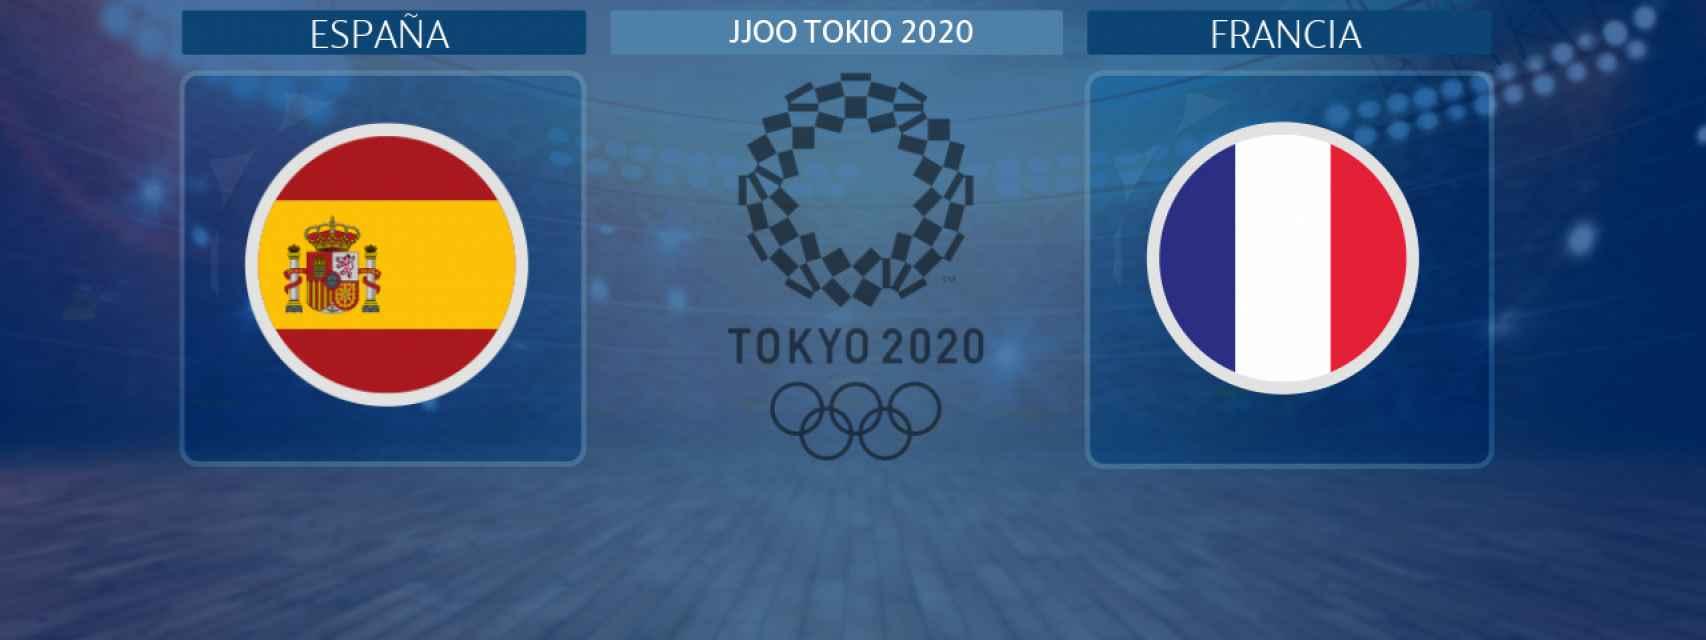 España - Francia: siga en directo las semifinales de baloncesto femenino de los JJOO Tokio 2020